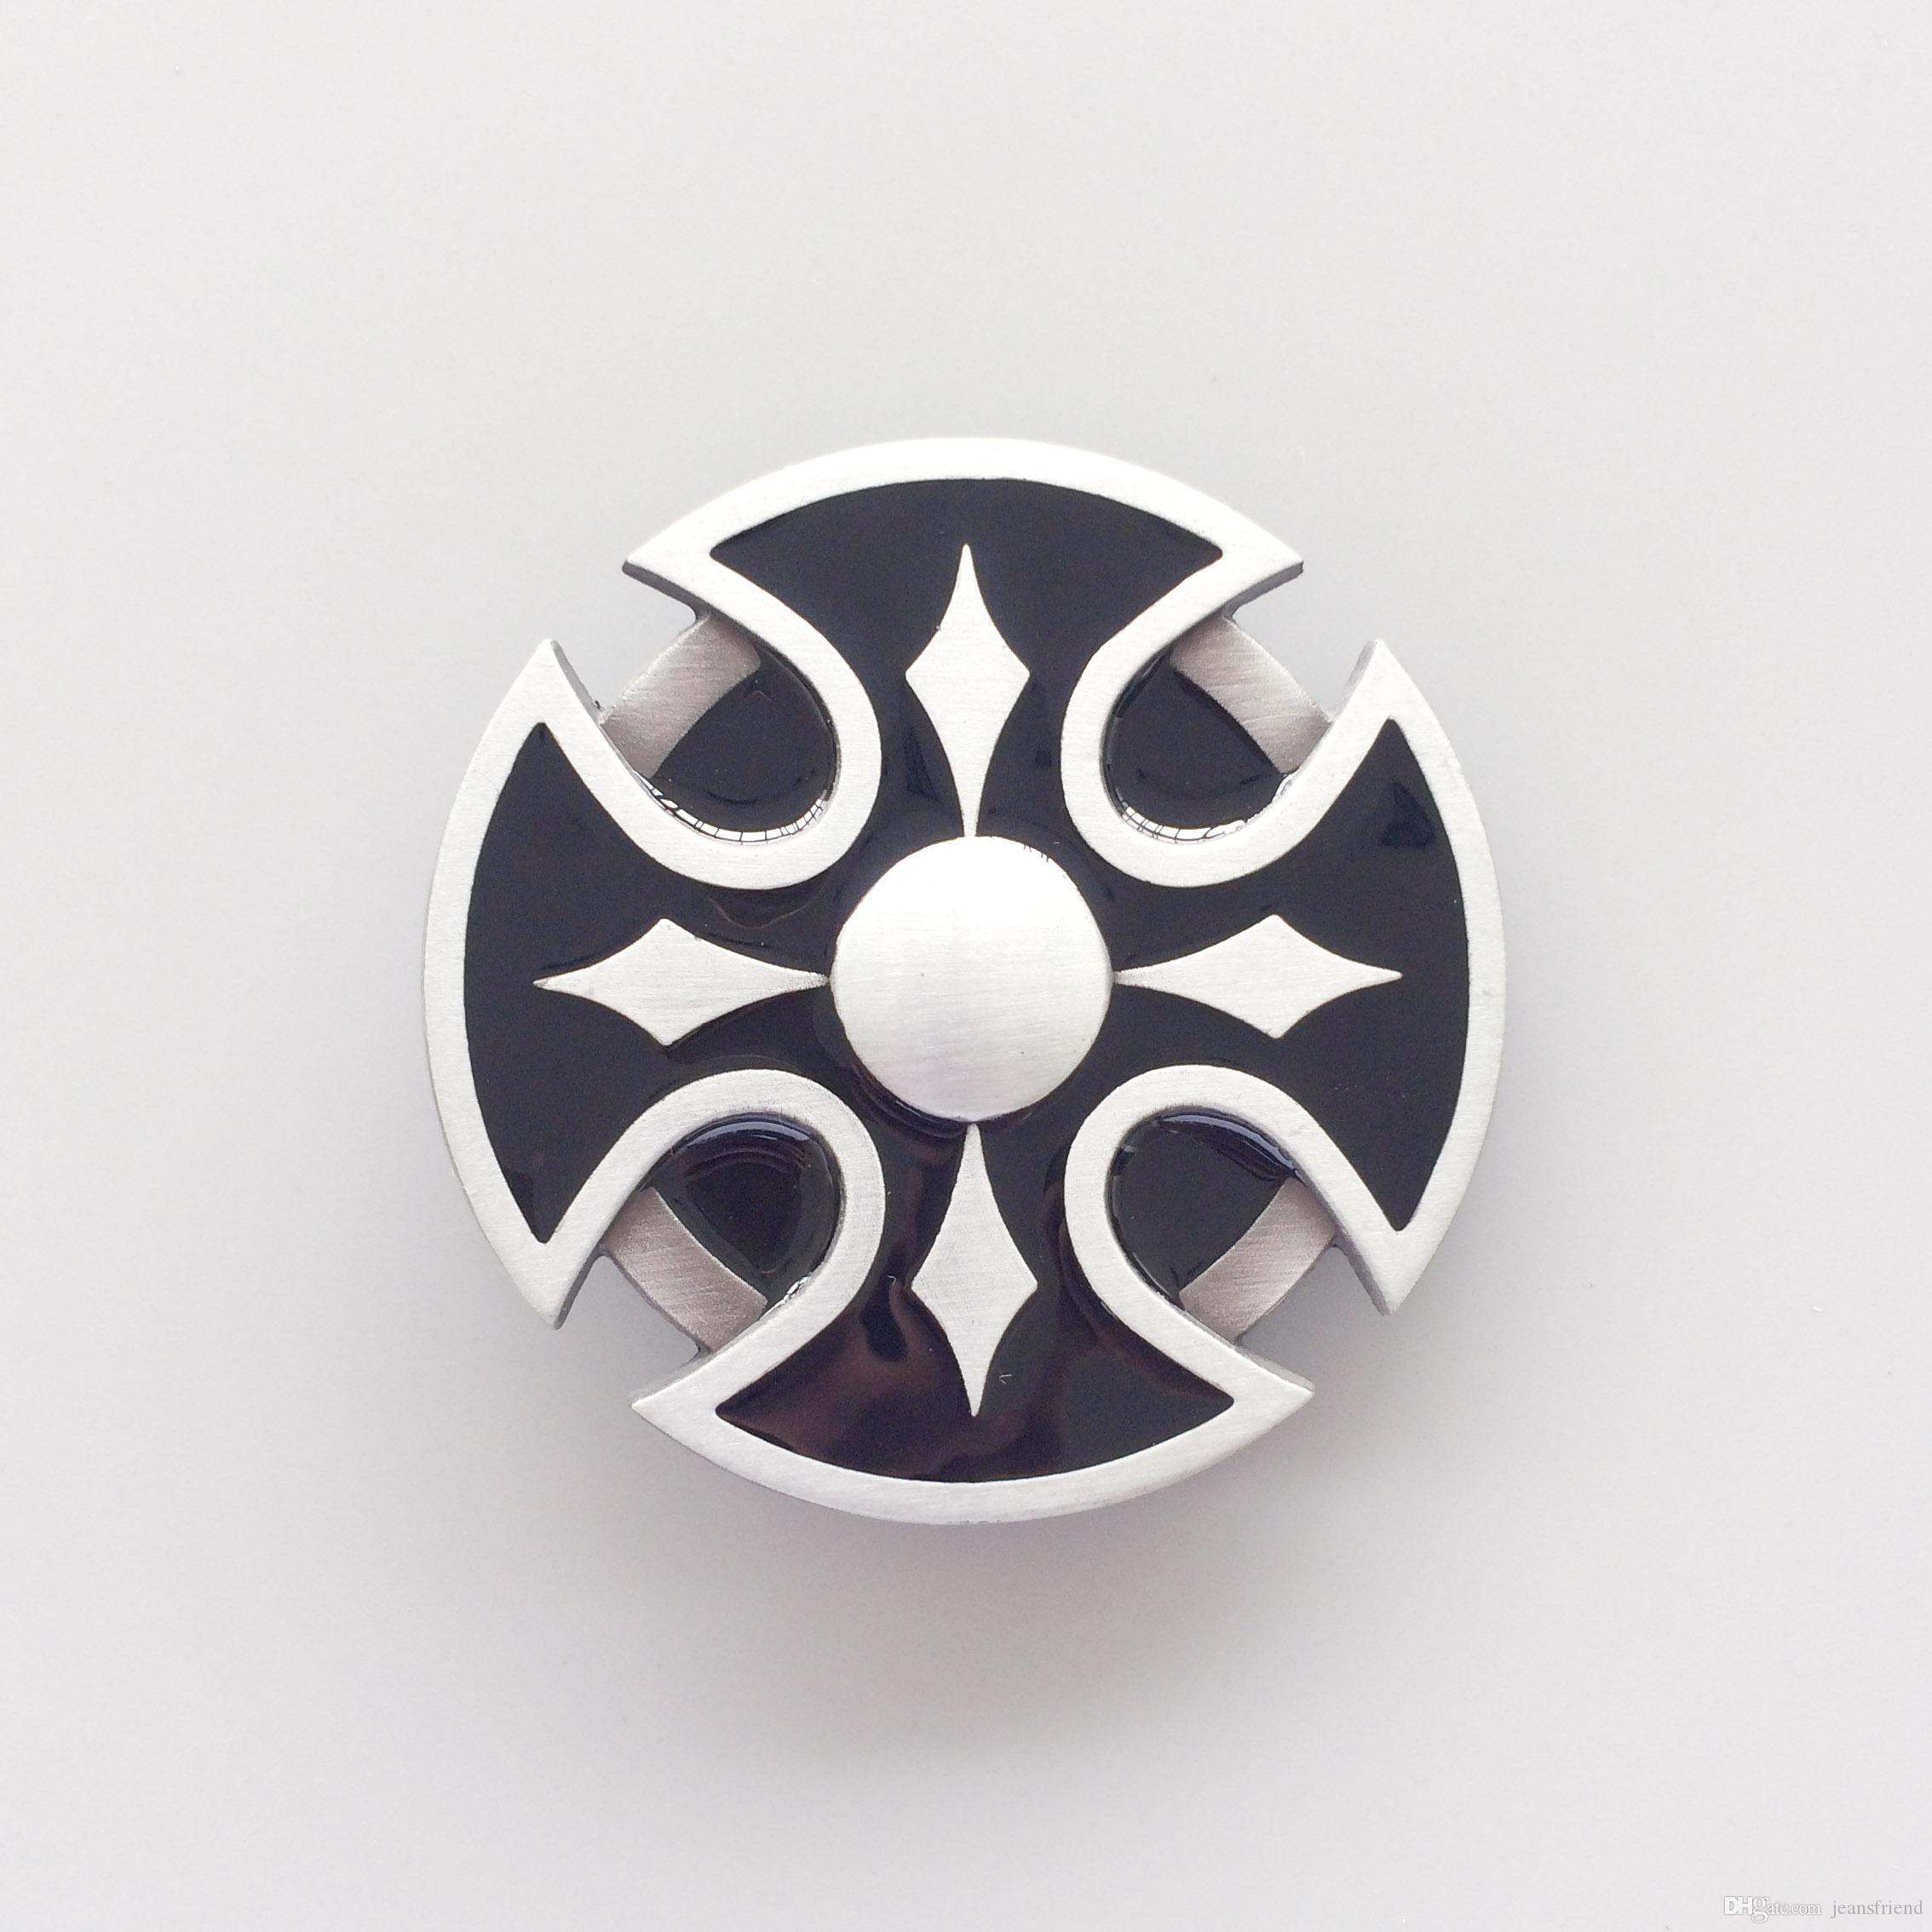 Del nuevo esmalte céltica redonda de la vendimia la hebilla del cinturón Gürtelschnalle Boucle de ceinture